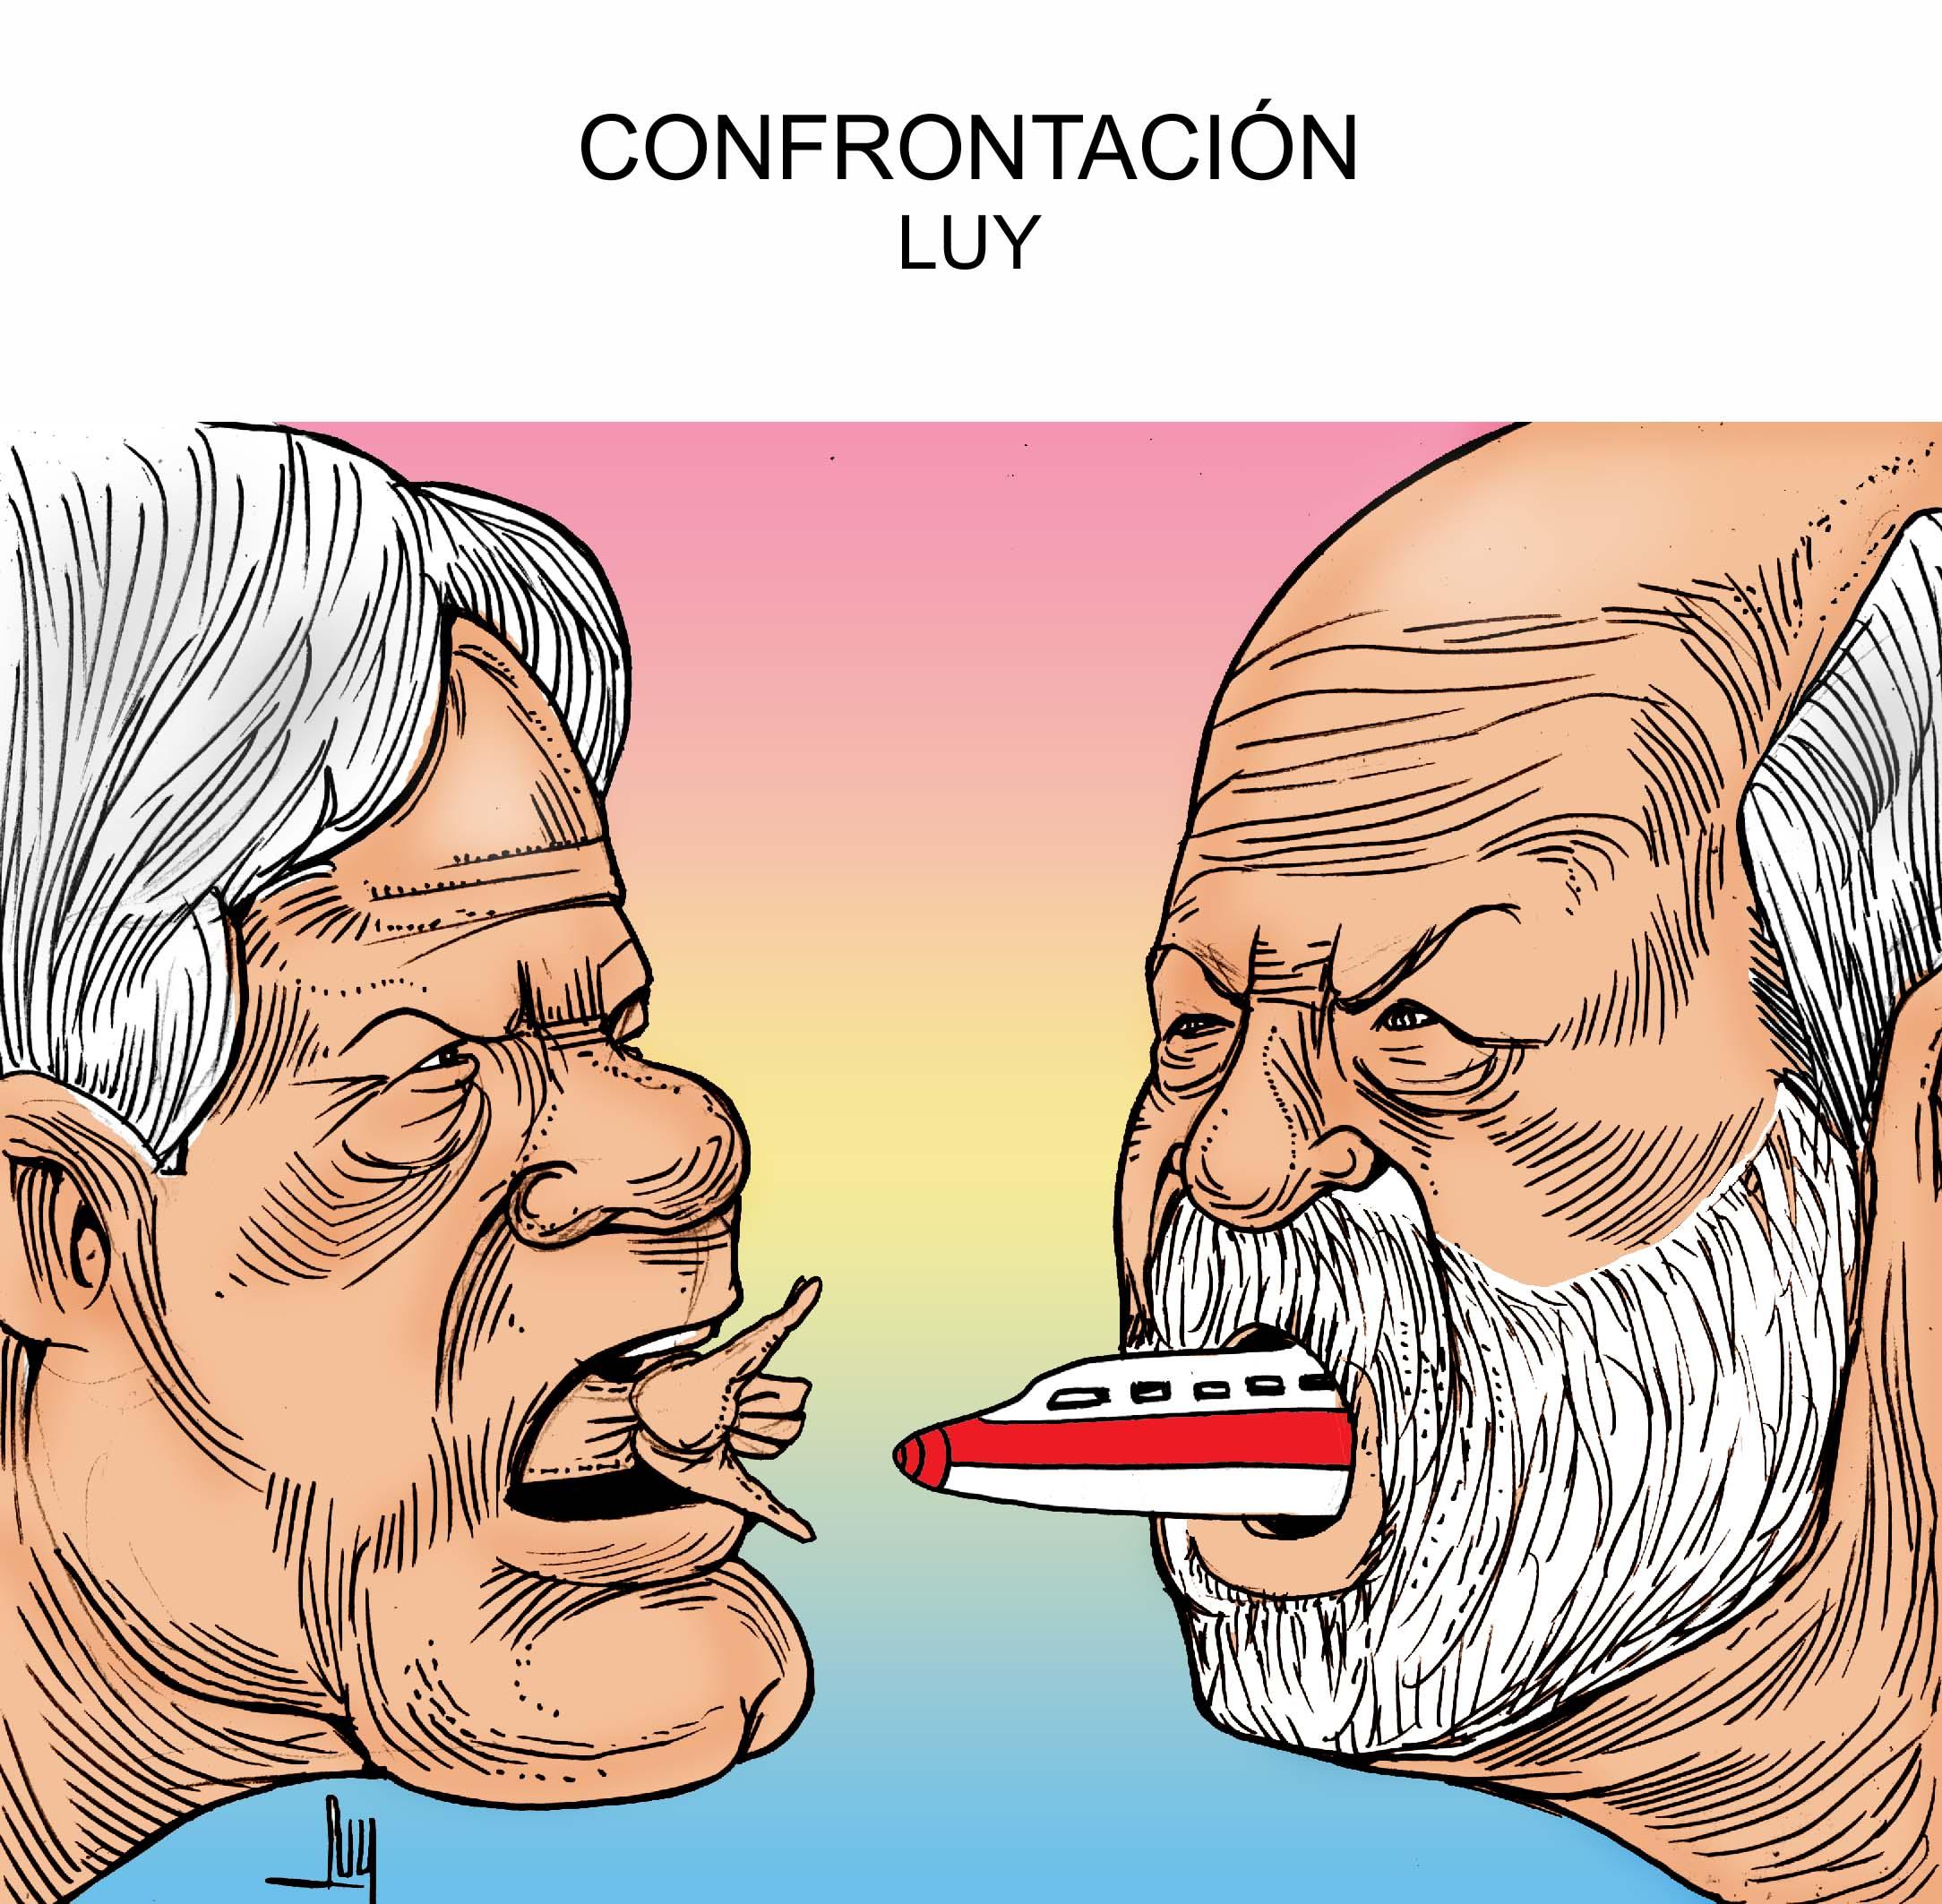 confrontacion